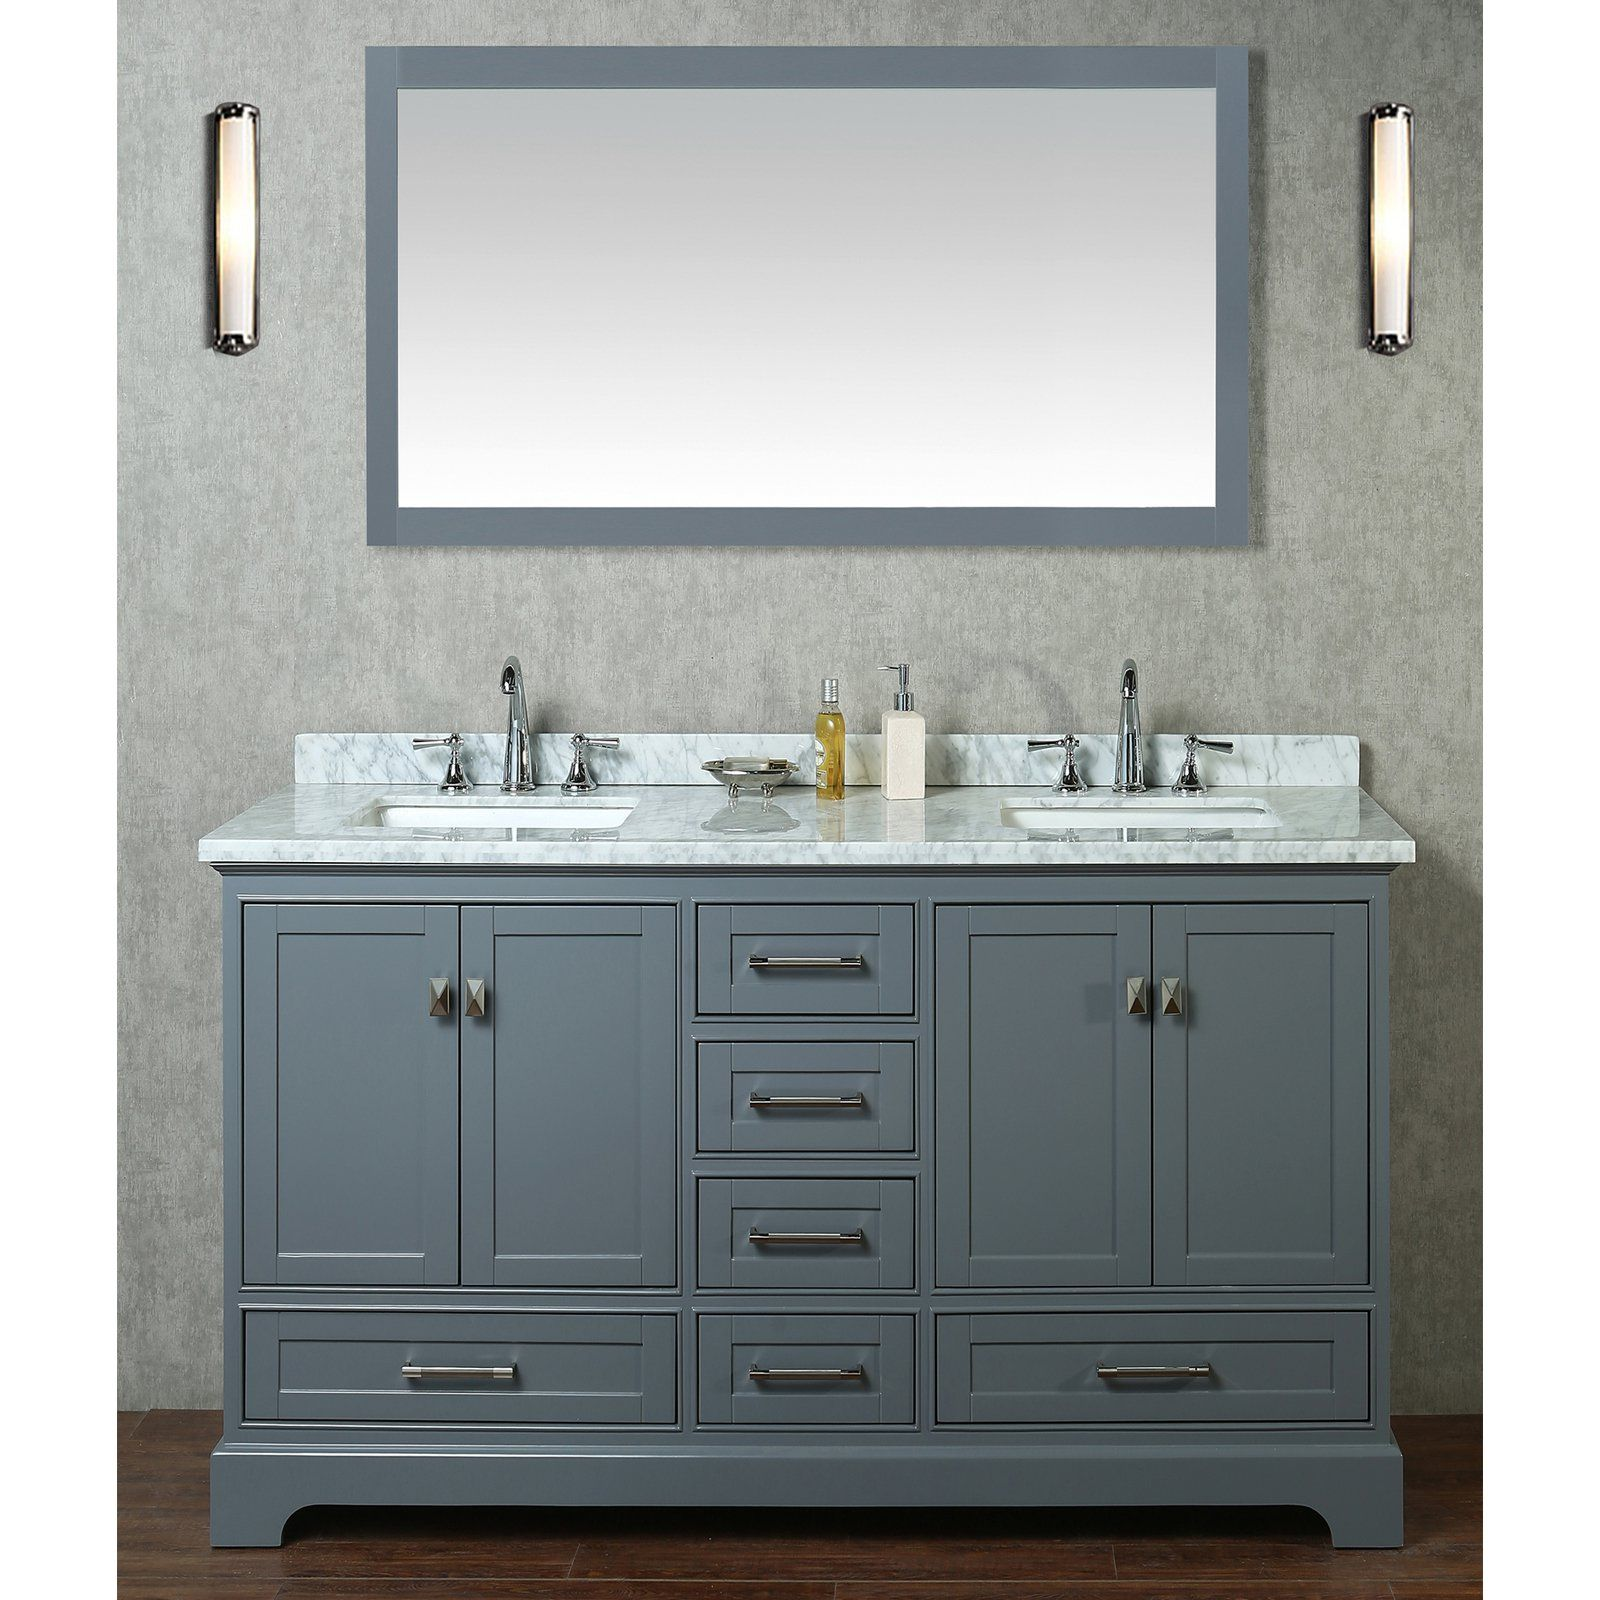 Stufurhome Newport 60 In Double Sink Bathroom Vanity With Mirror